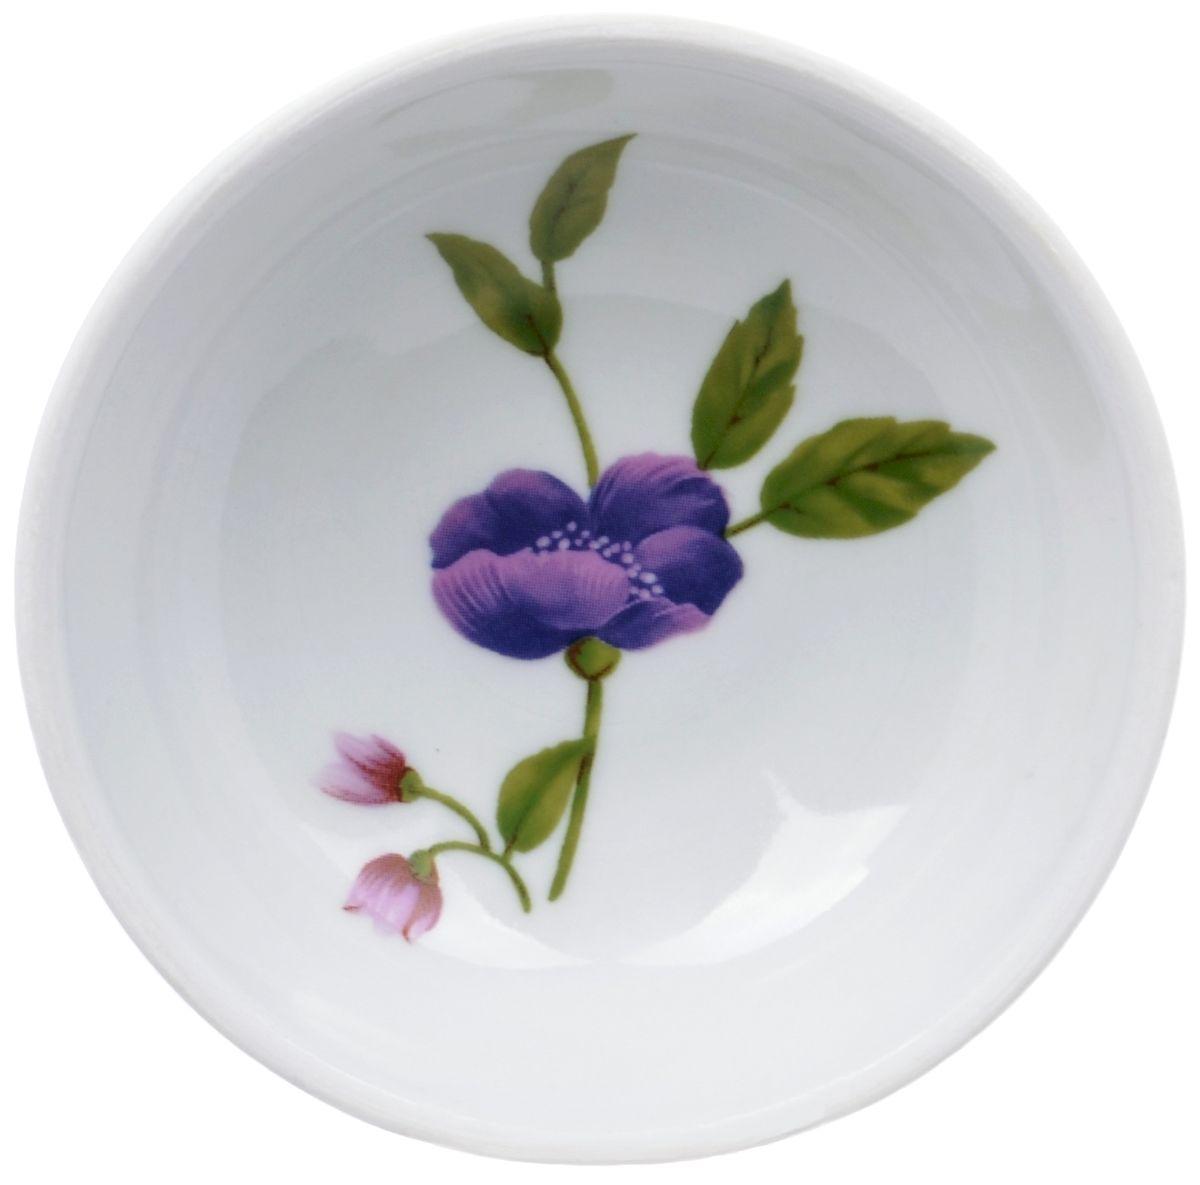 Блюдце Дулевский фарфор Луговые цветы, 9 смDU03842LFПосуду можно использовать в СВЧ и мыть в посудомоечных машинах. Не рекомендуется использовать абразивные моющие средства.